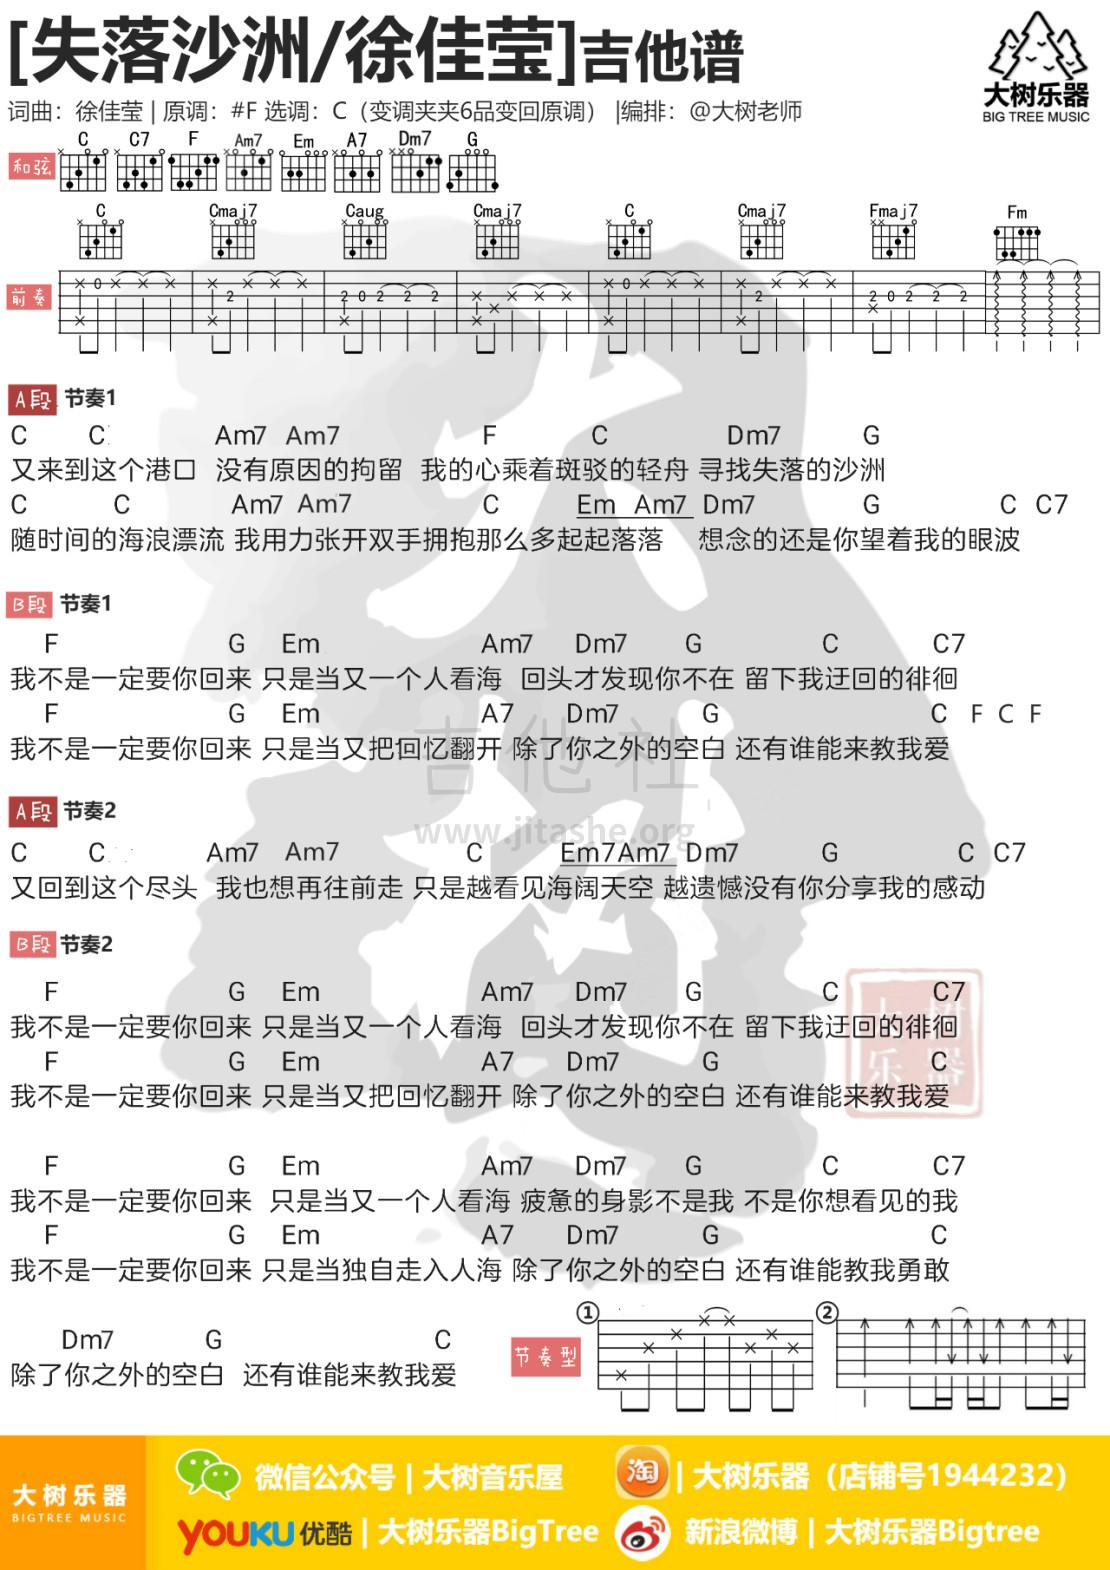 失落沙洲吉他谱(图片谱,弹唱,大树乐器,大树音乐)_徐佳莹(LALA)_模板_meitu_3_meitu_1.jpg